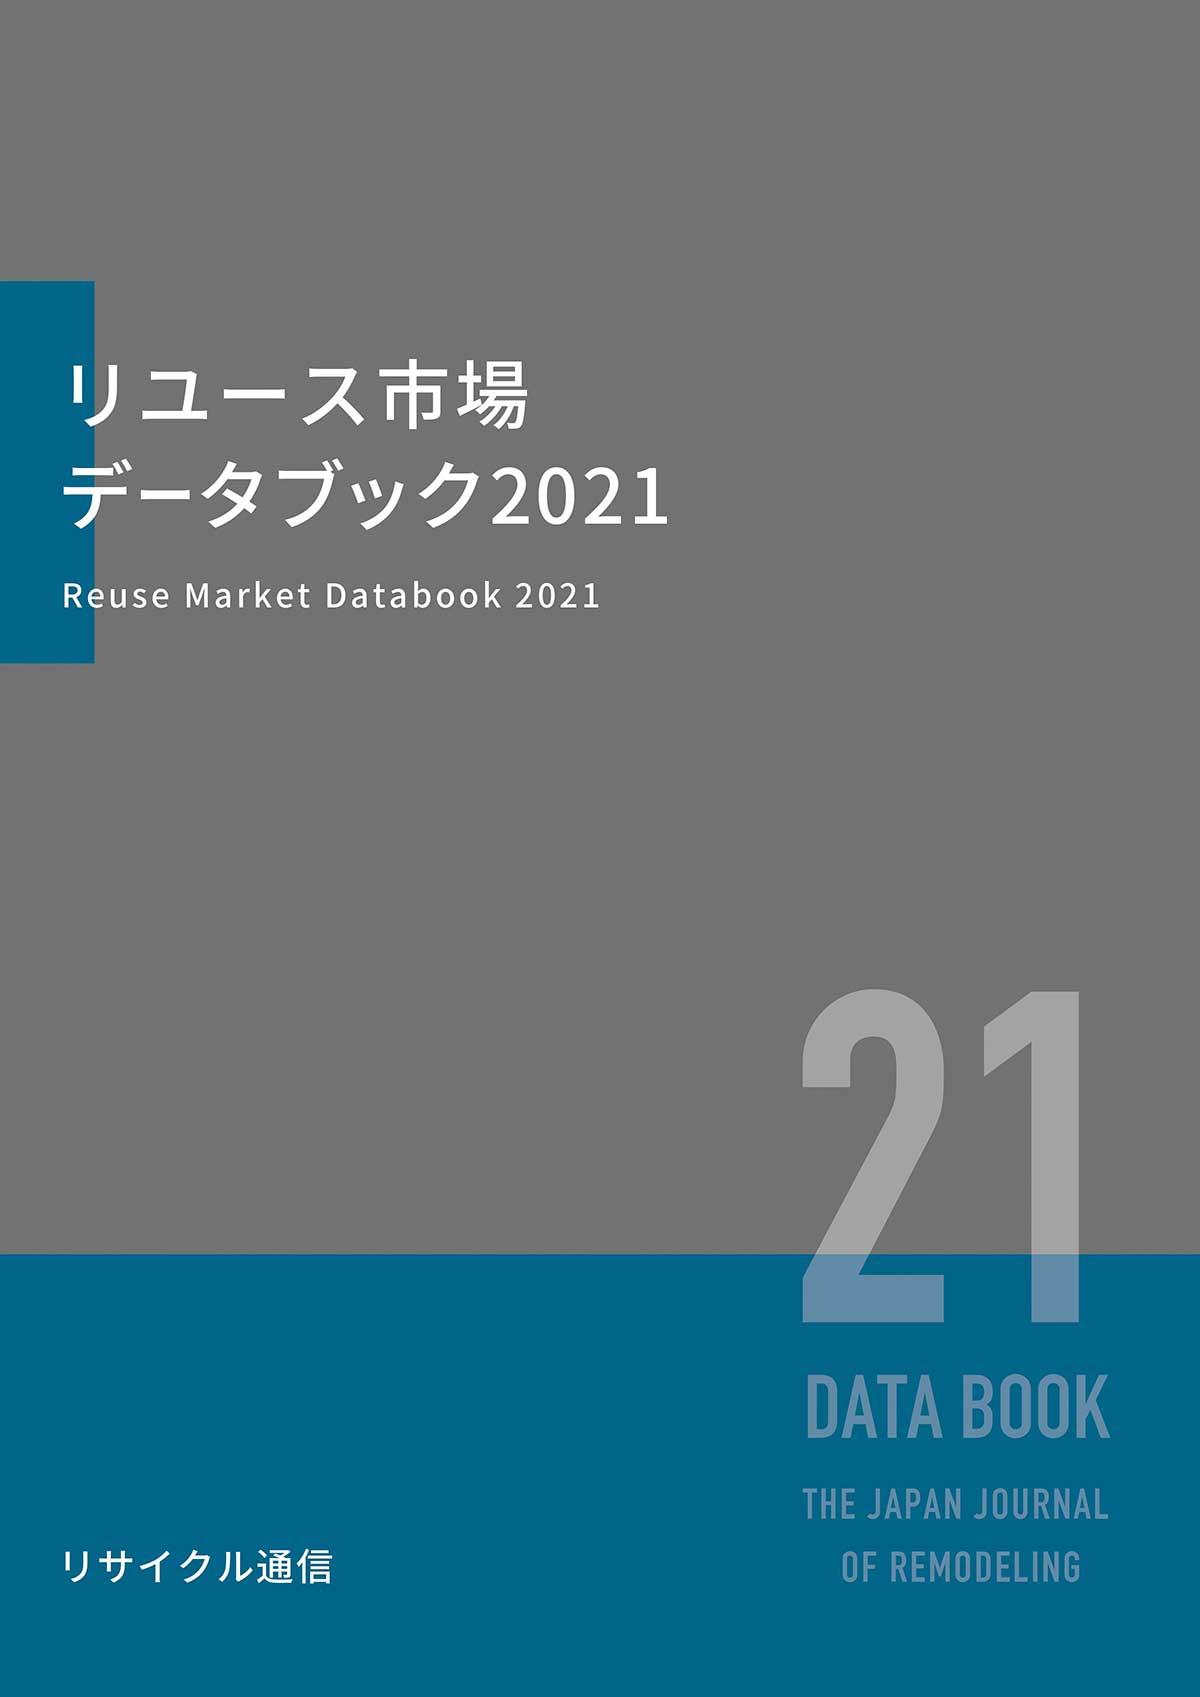 「リユース市場データブック」2021年版10月1日発売